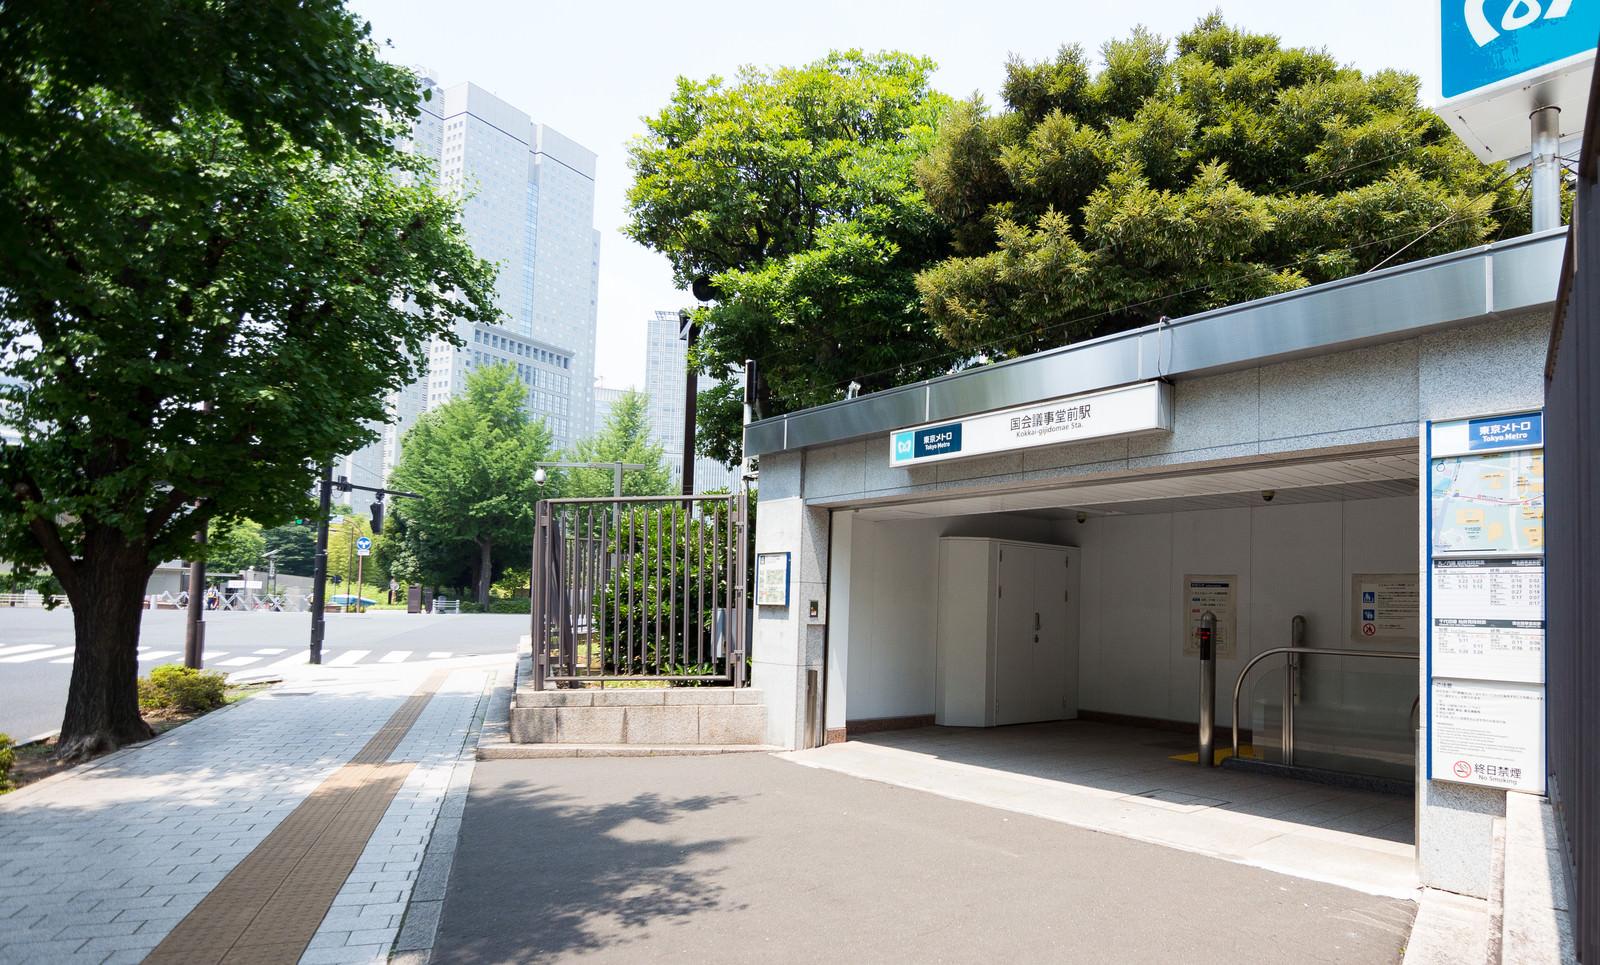 「国会議事堂前駅」の写真